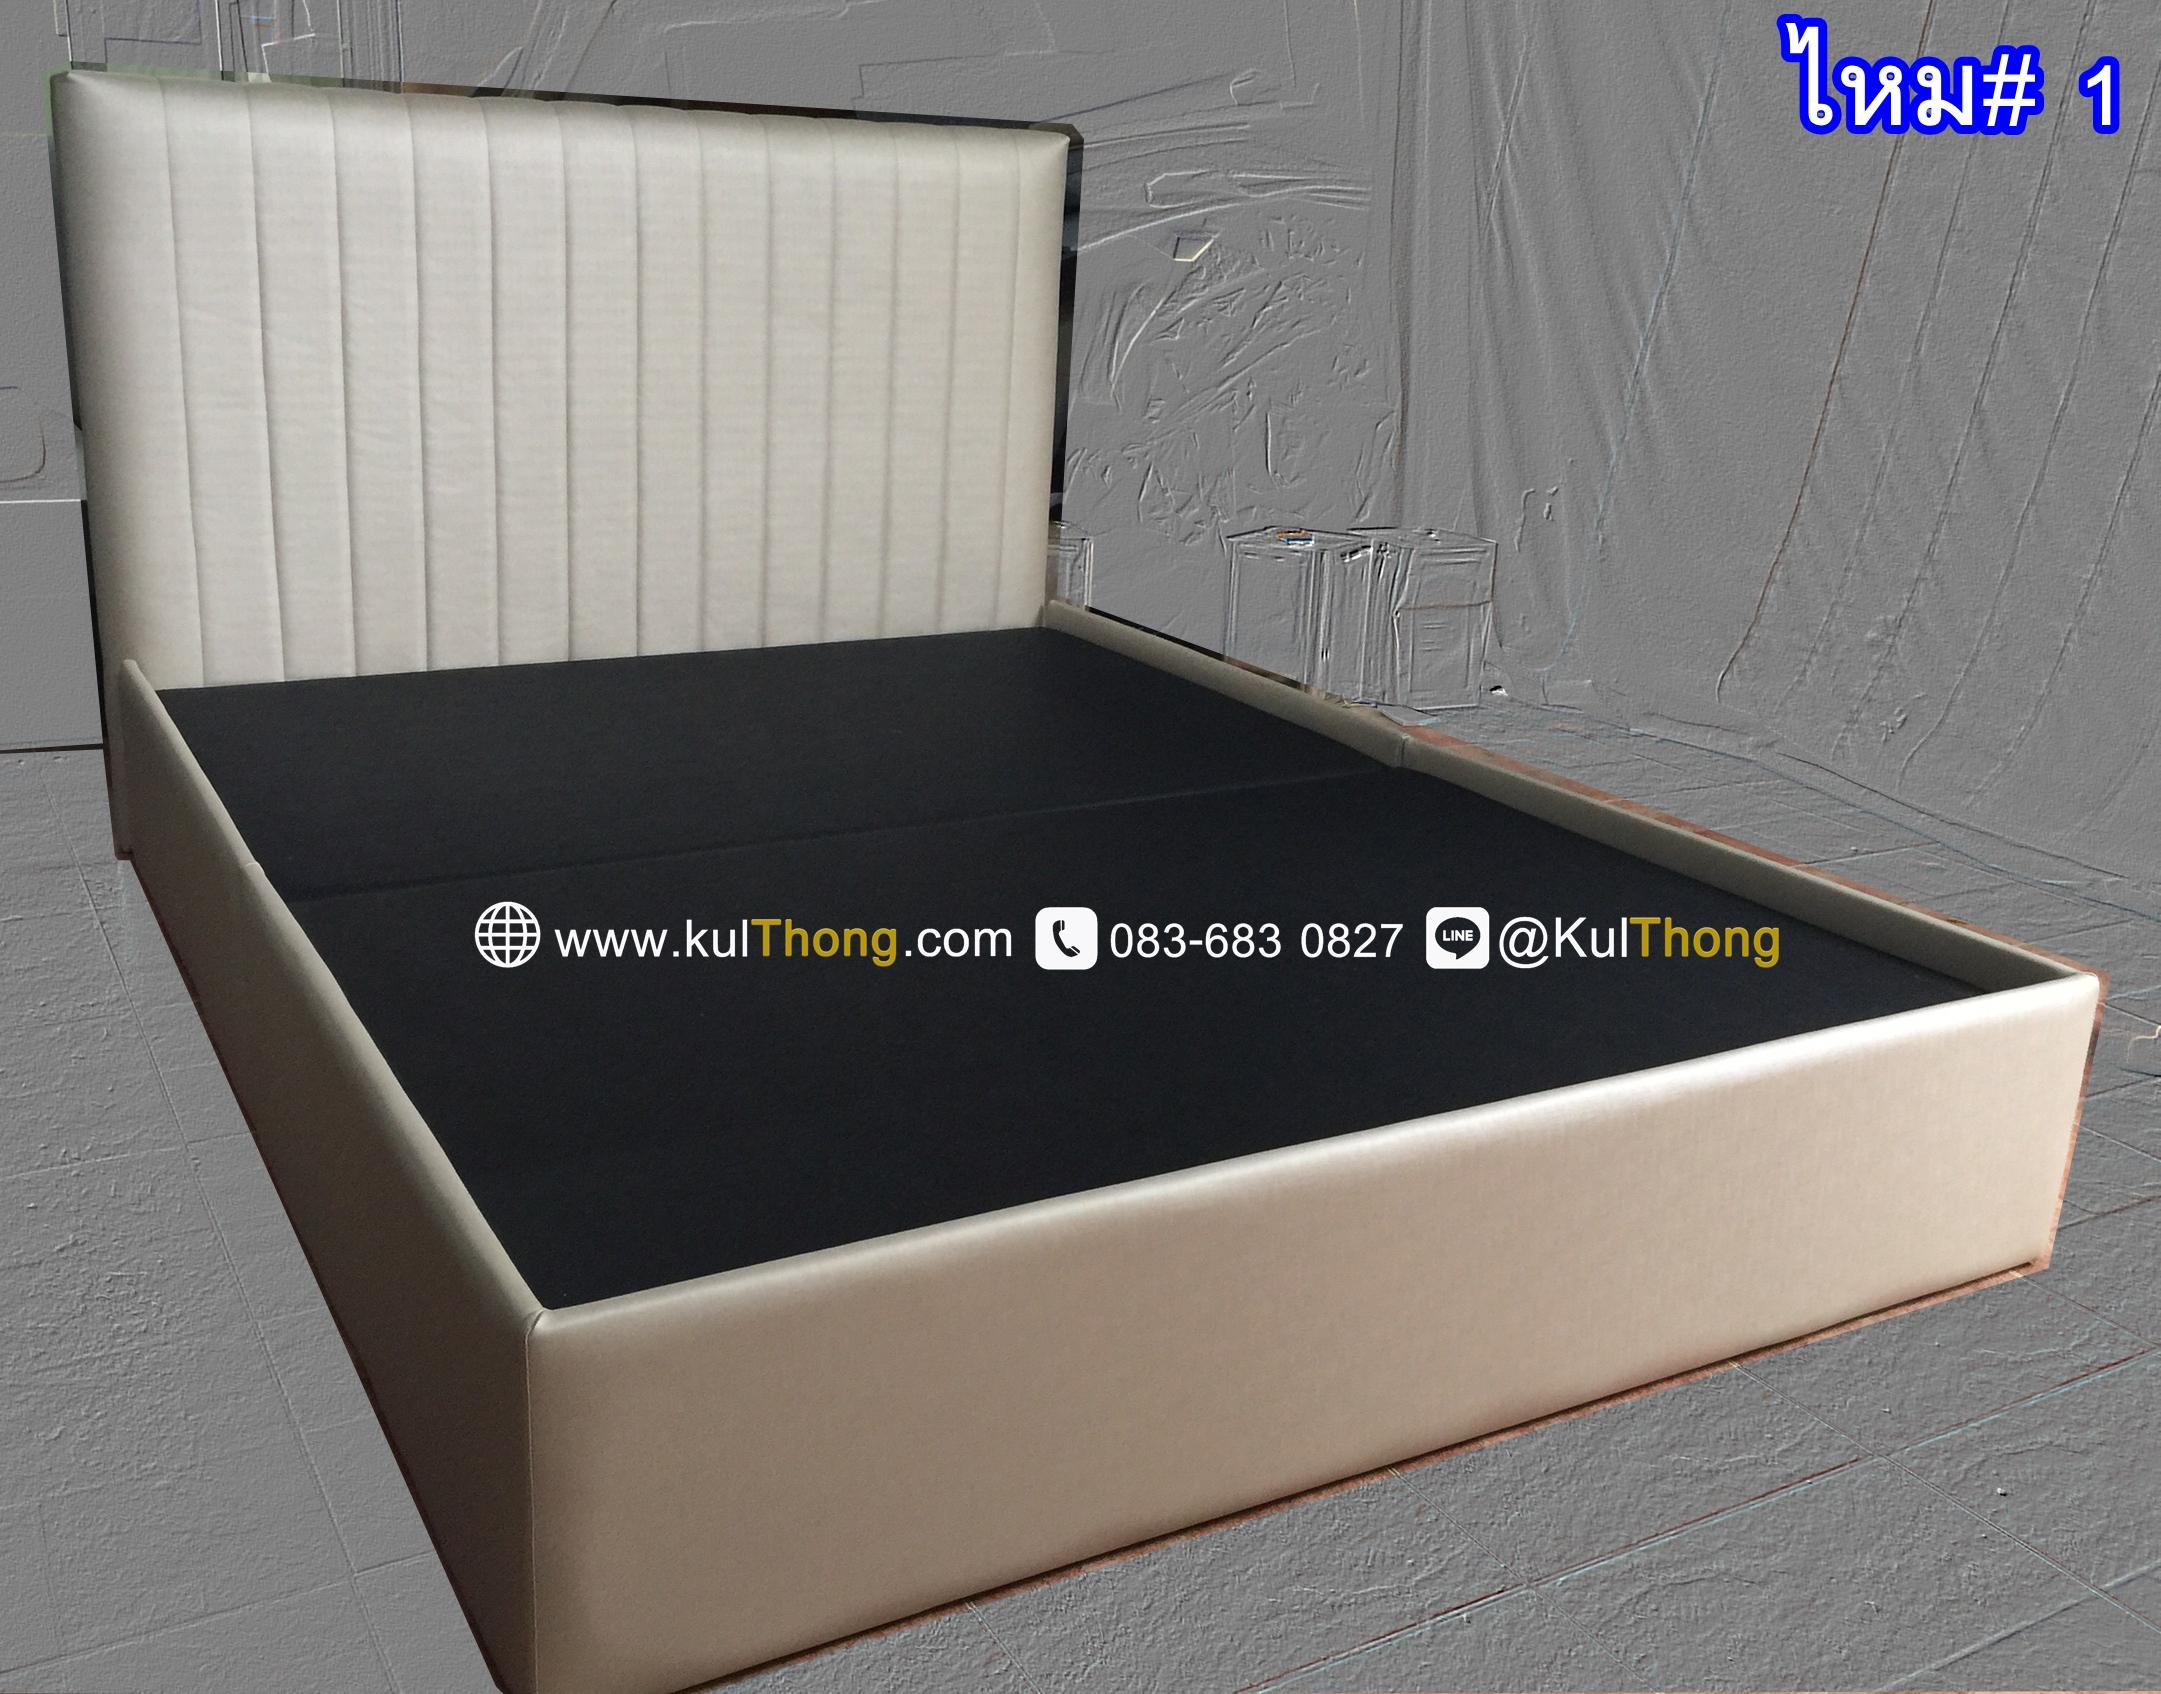 ฐานรองที่นอน เตียงหุ้มหนัง เตียงบล็อก เตียงคอนโด